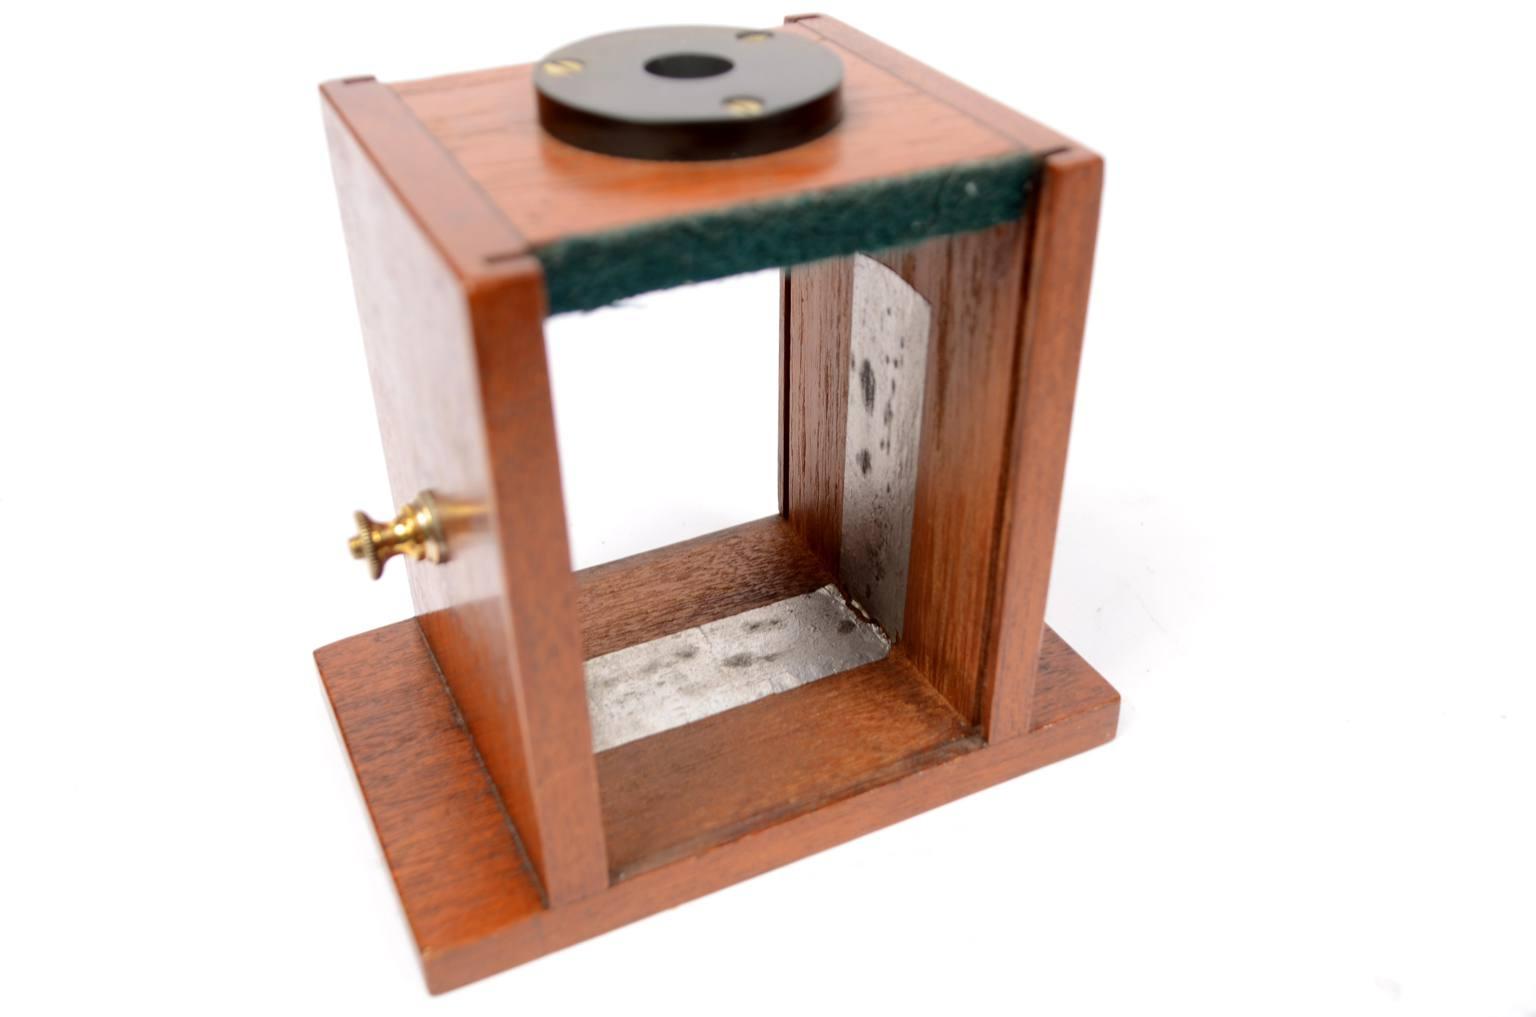 古测量工具/60782-在二十世纪初创建的一种仪器